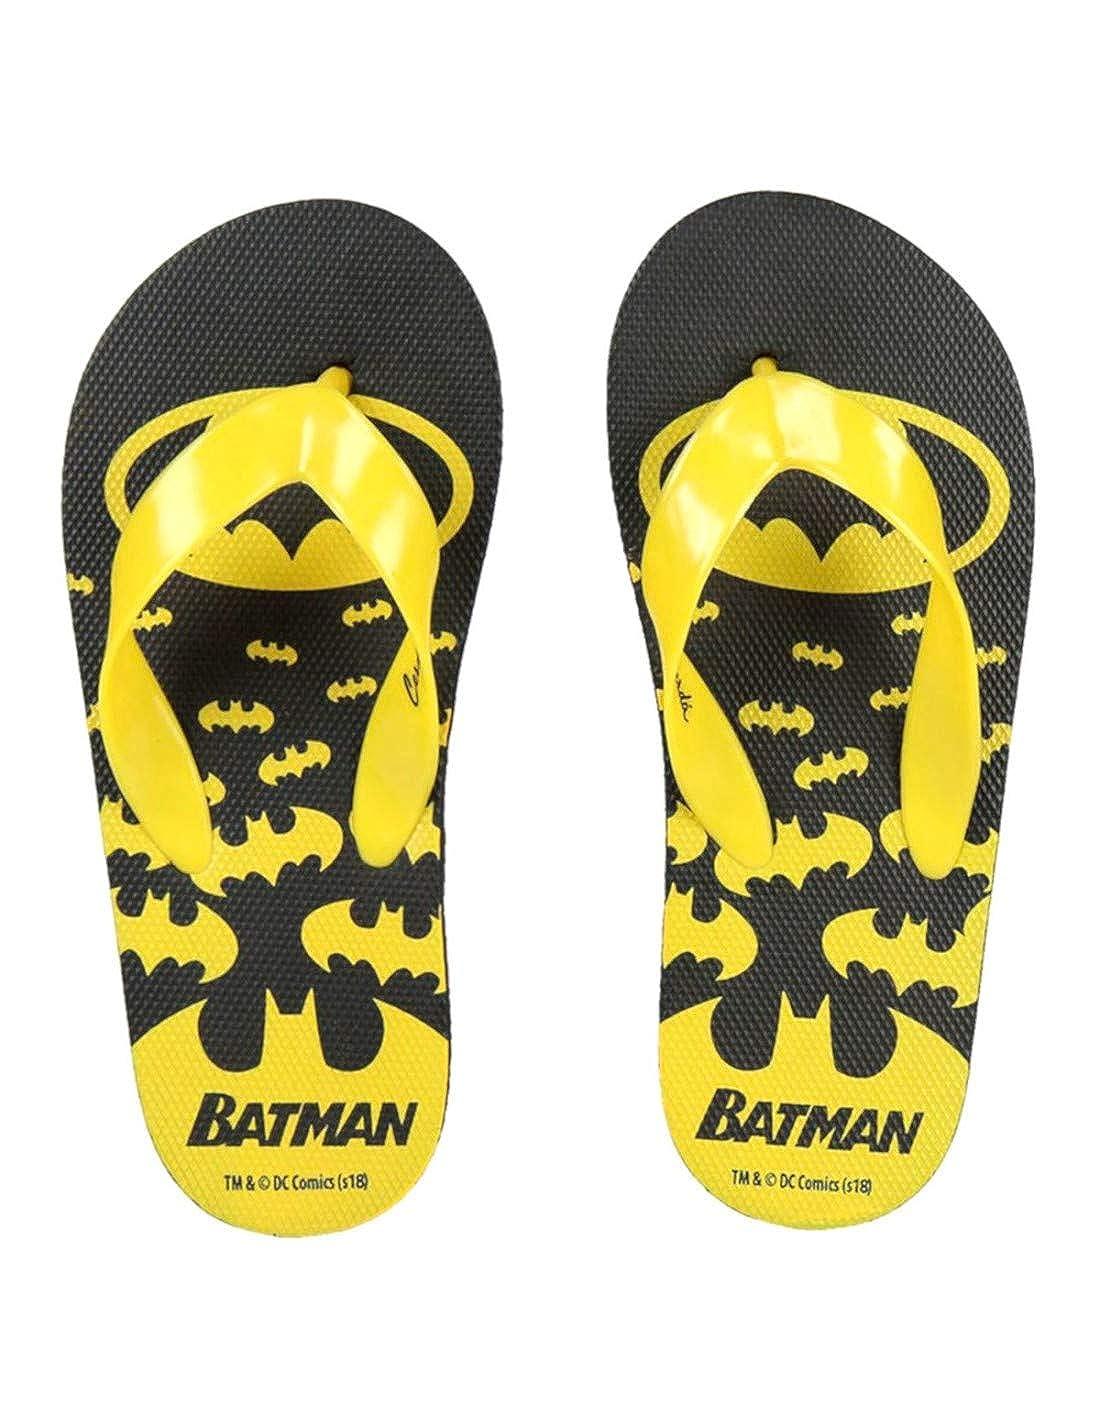 Y Sandalias Complementos Niños Batman Zapatos cLAj3Rq45